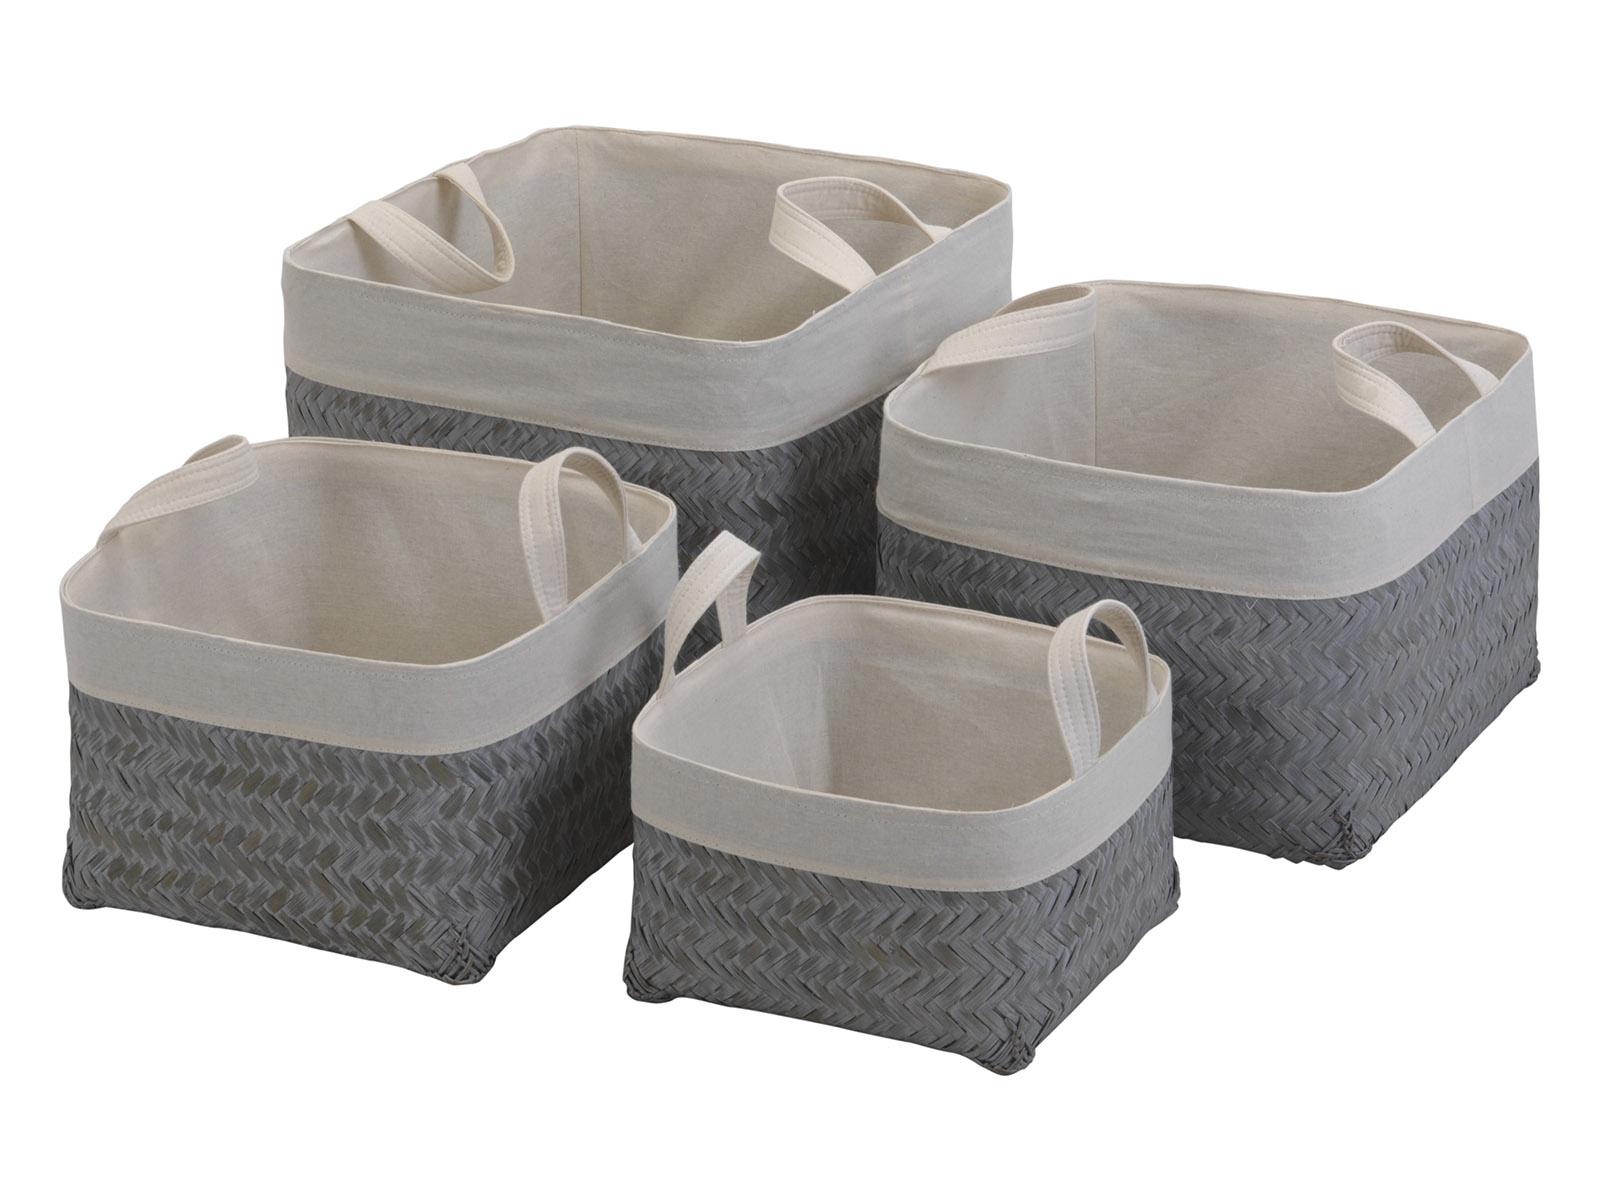 Набор корзин PalitraХранение<br>Набор корзин для хранения белья. В комплекте 4 корзины. Размер корзин: 26х16х23 см, 30х20х27 см, 34х24х31 см, 38х28х35 см.<br>